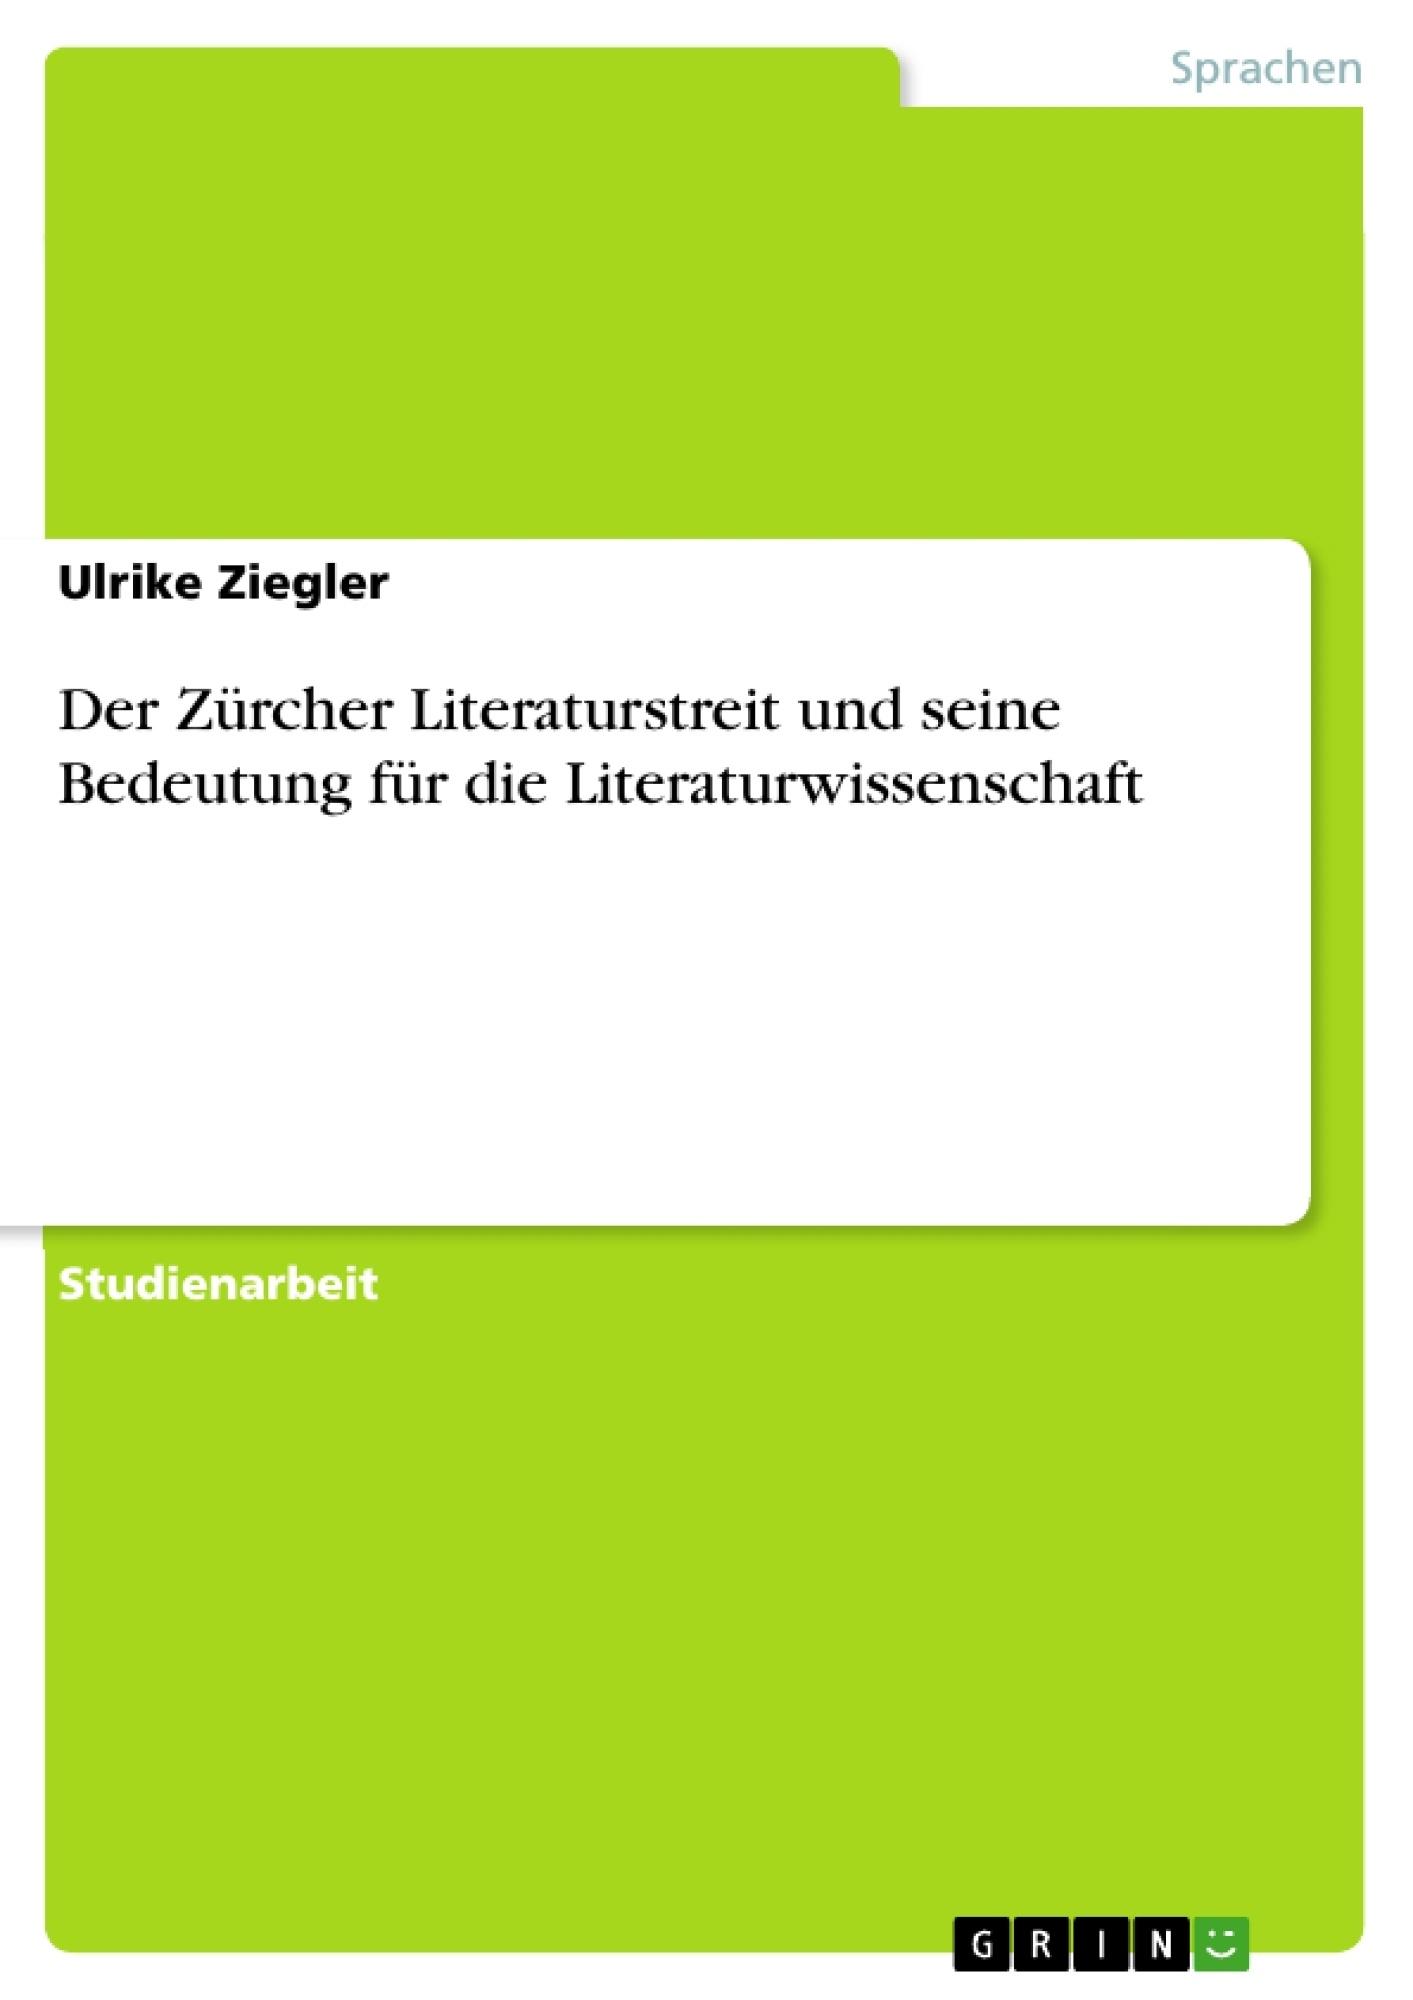 Titel: Der Zürcher Literaturstreit und seine Bedeutung für die Literaturwissenschaft